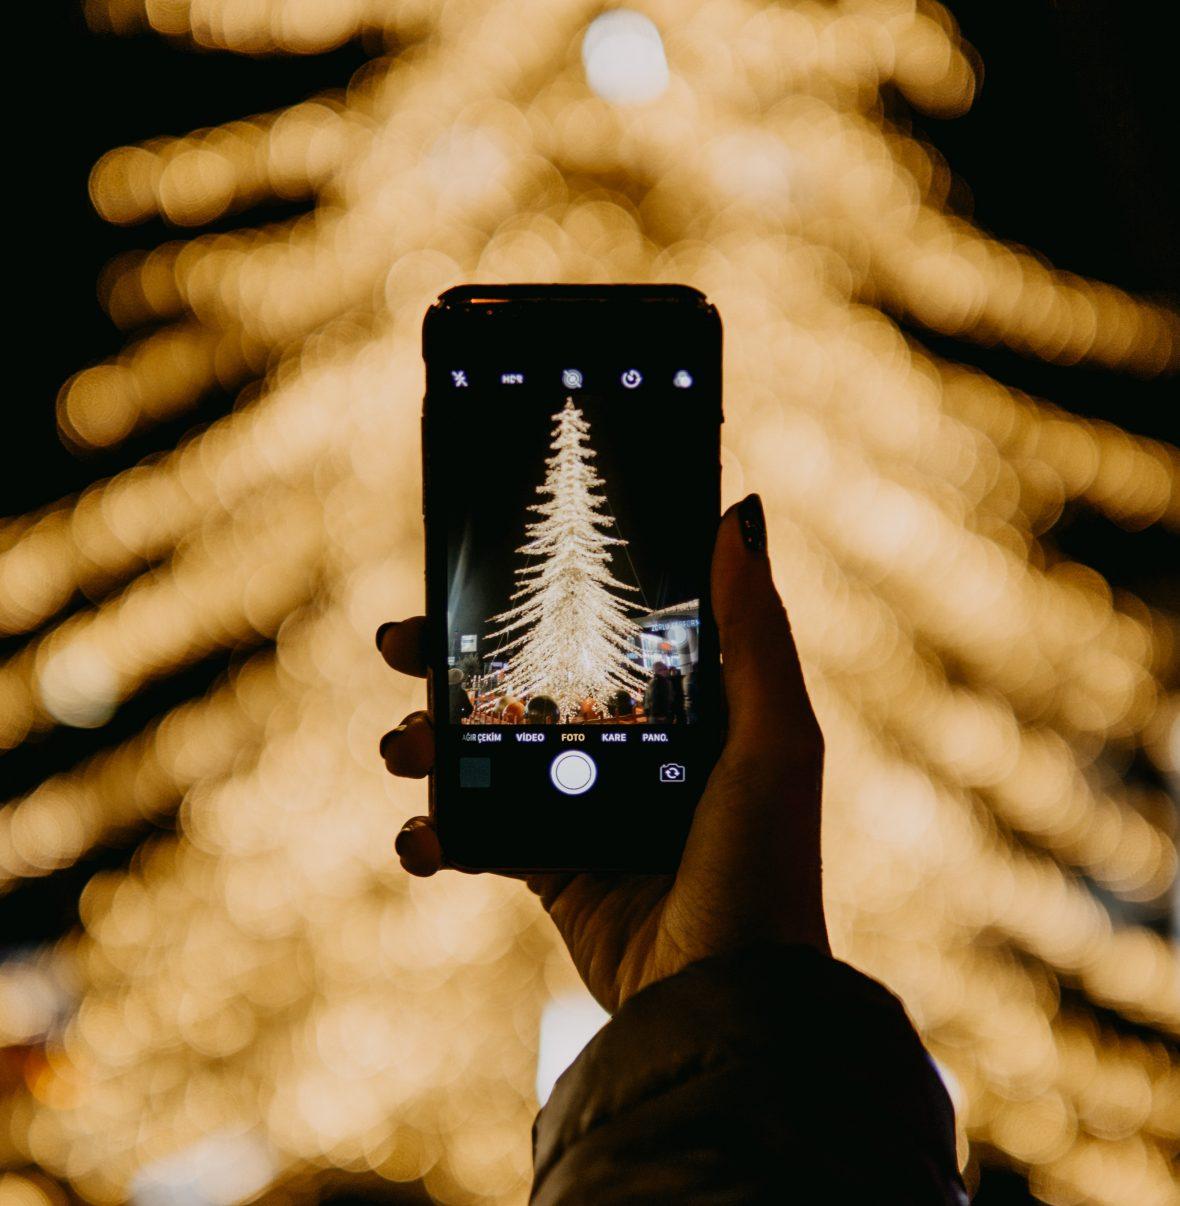 Pessoa a tirar uma foto a uma árvore Natalícia